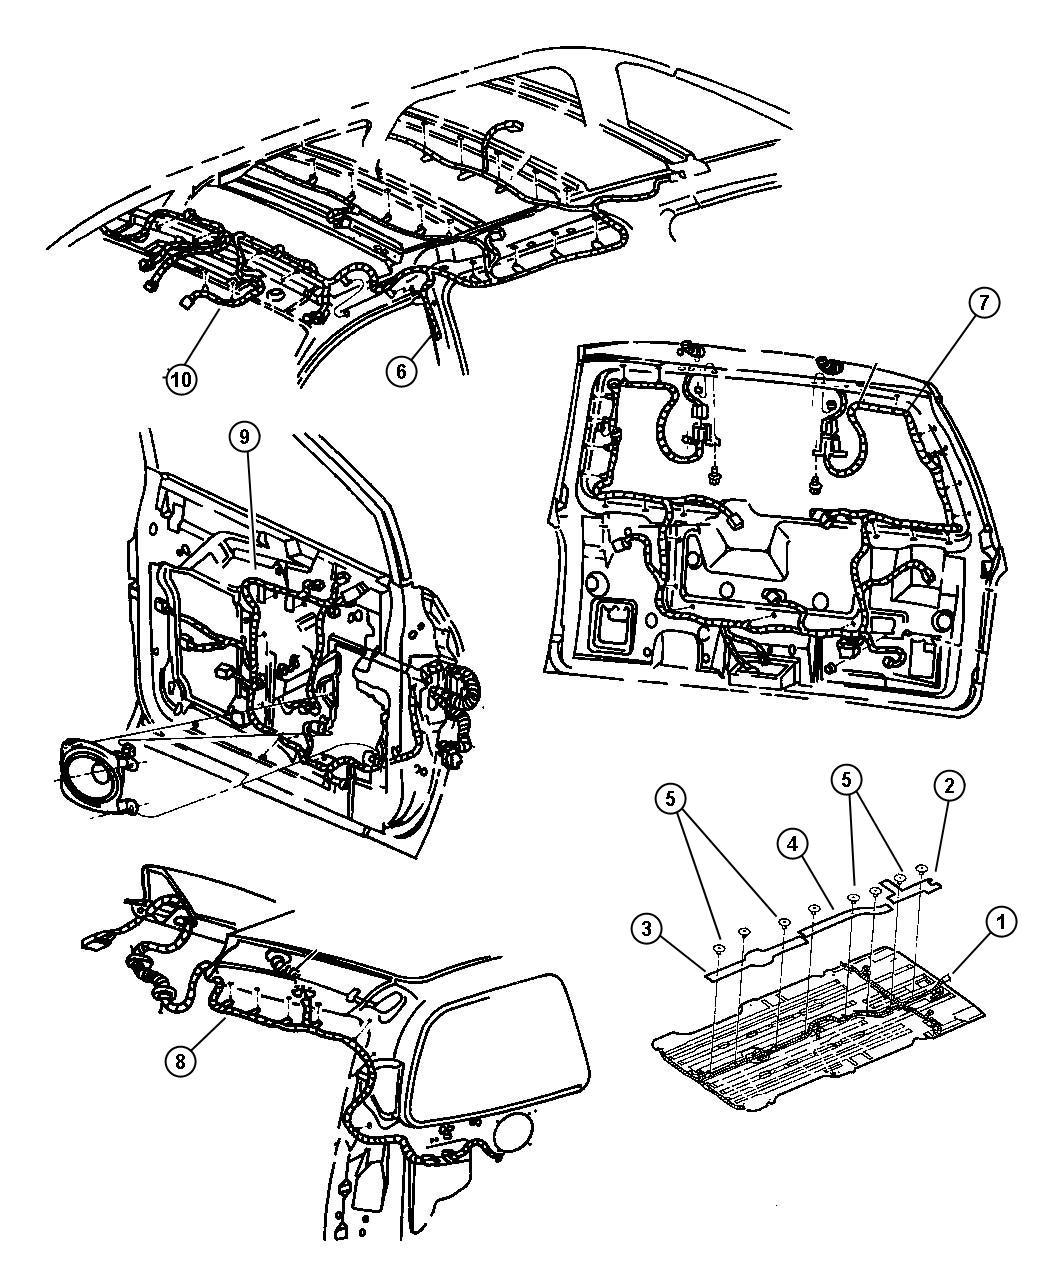 Chrysler Voyager Wiring. Radiator fan. Acid